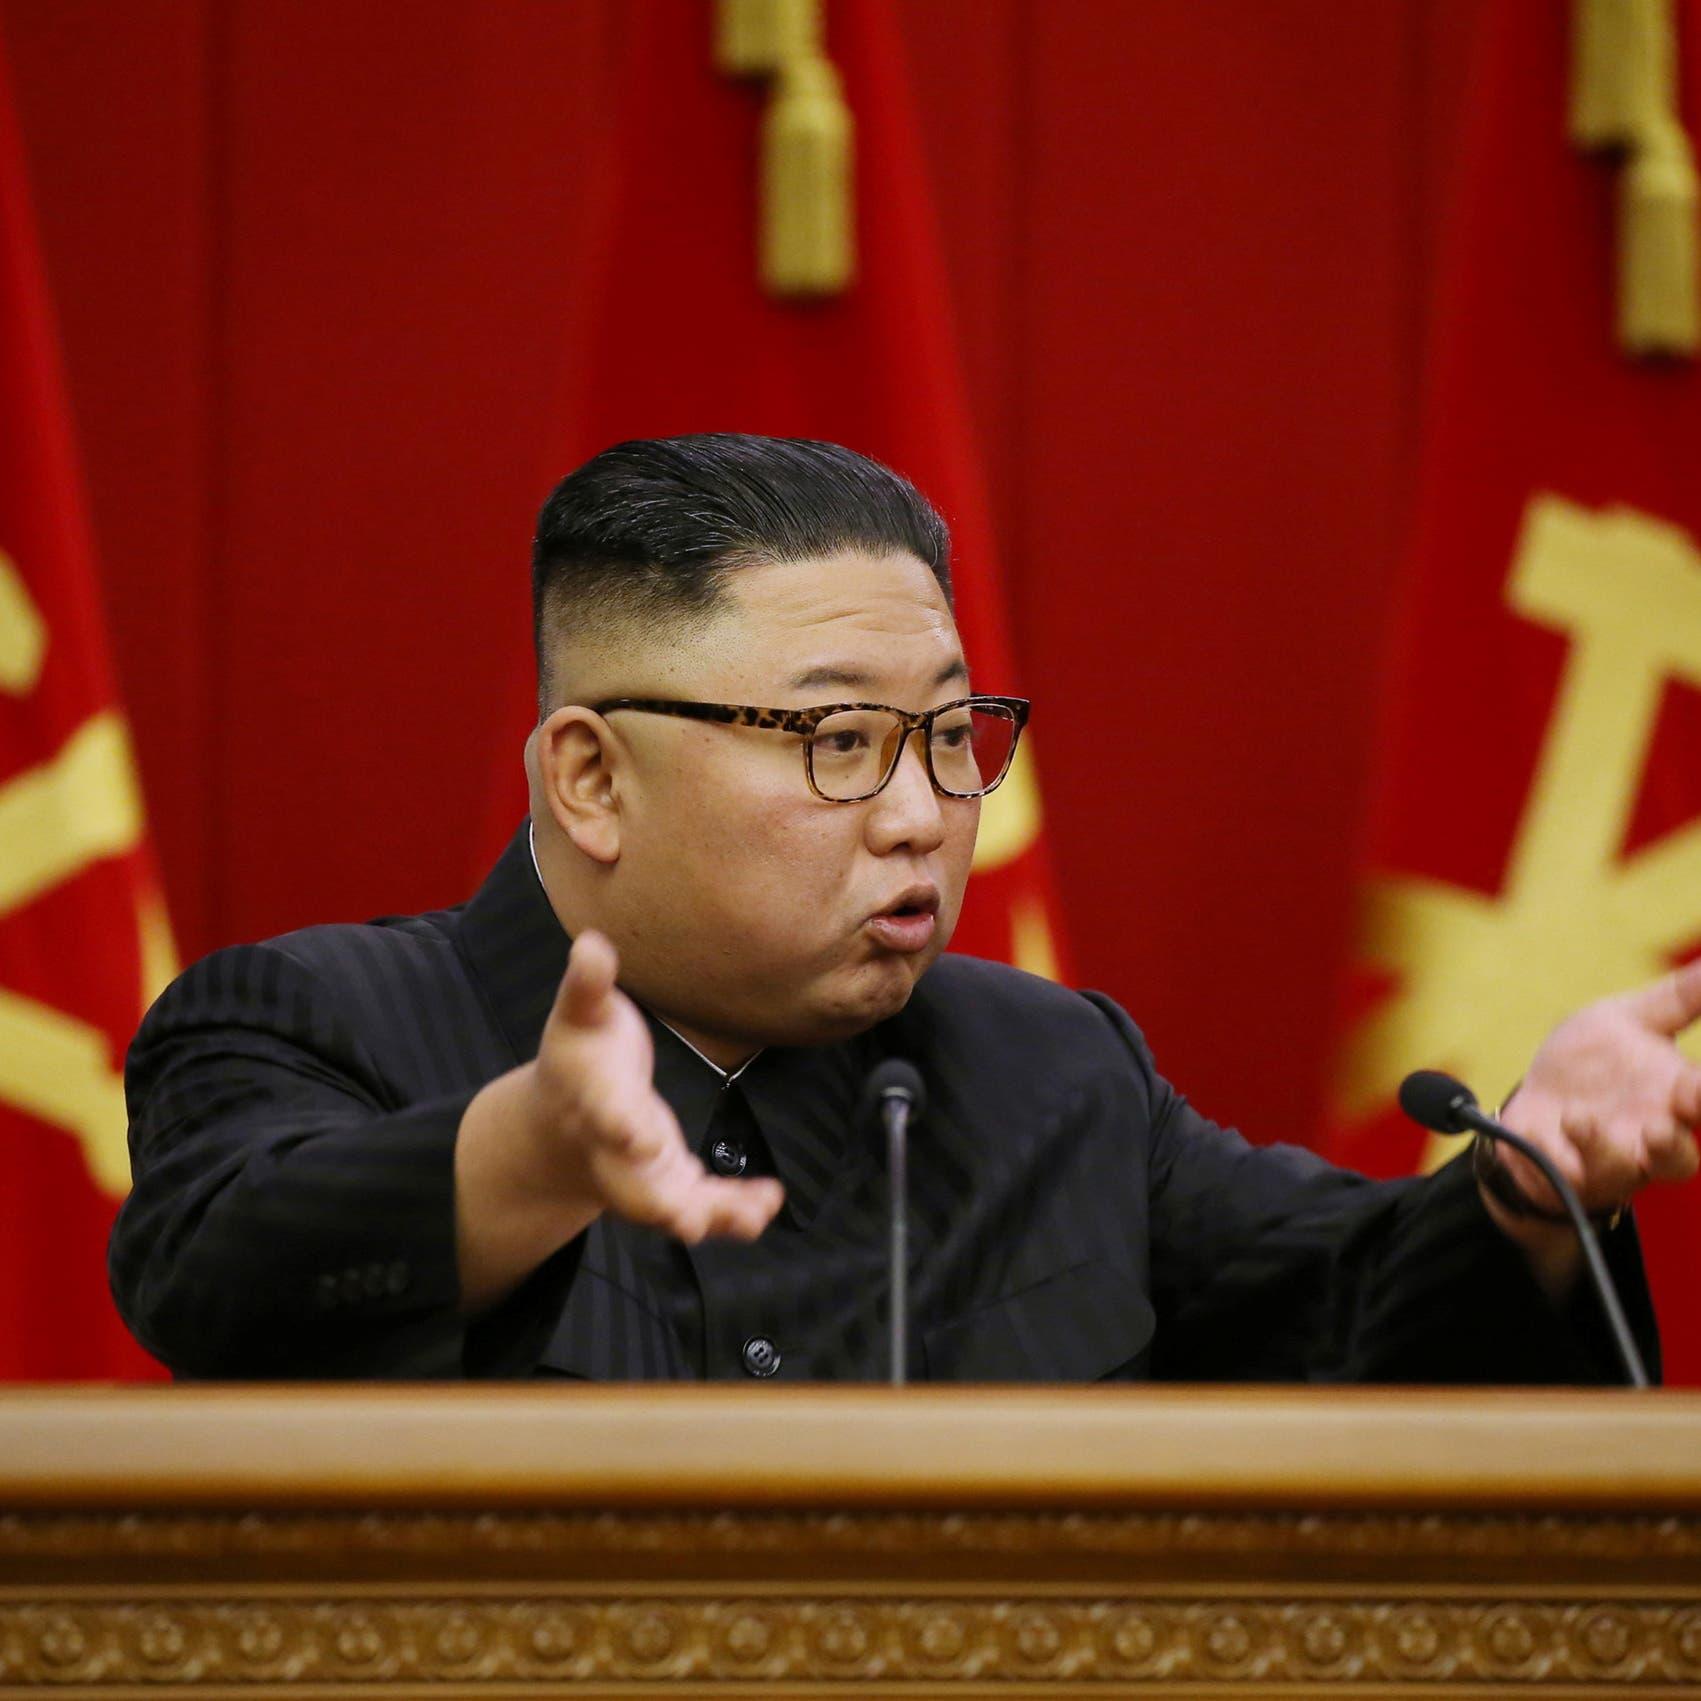 أزمة اقتصادية ونقص غذاء.. زعيم كوريا الشمالية يستغيث